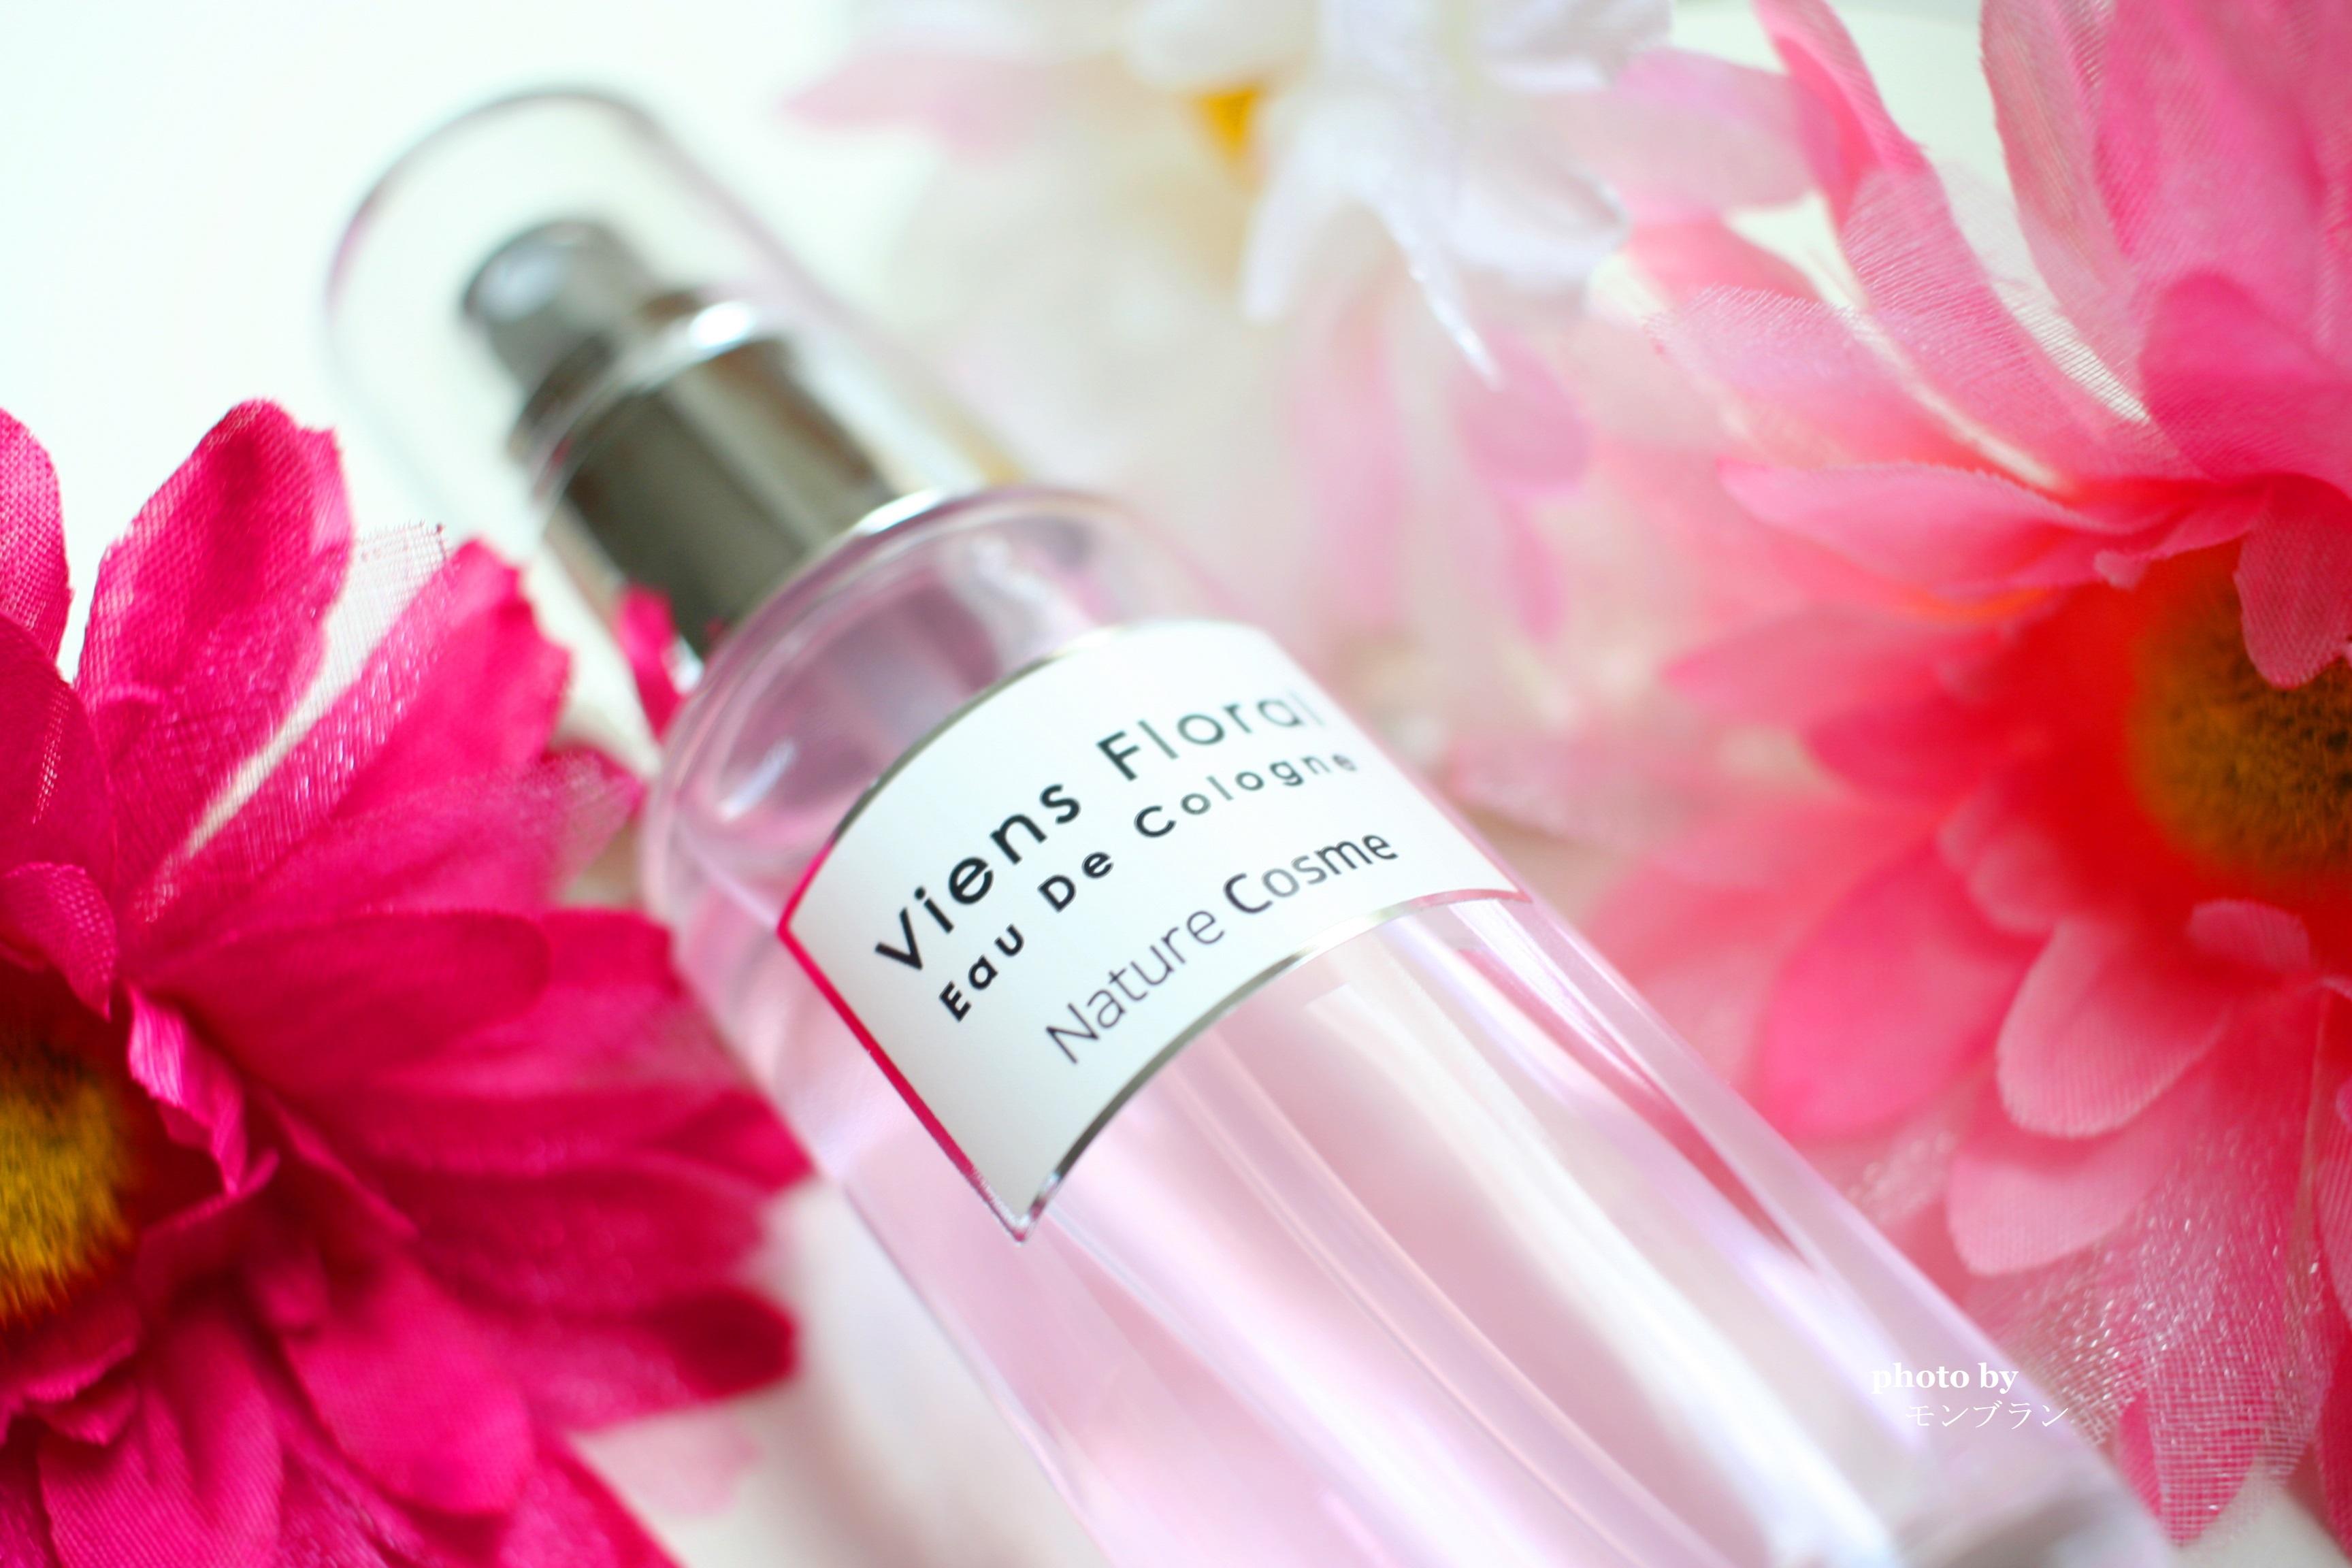 ベッドタイムフェロモン香水ヴィヤンフローラルの口コミ